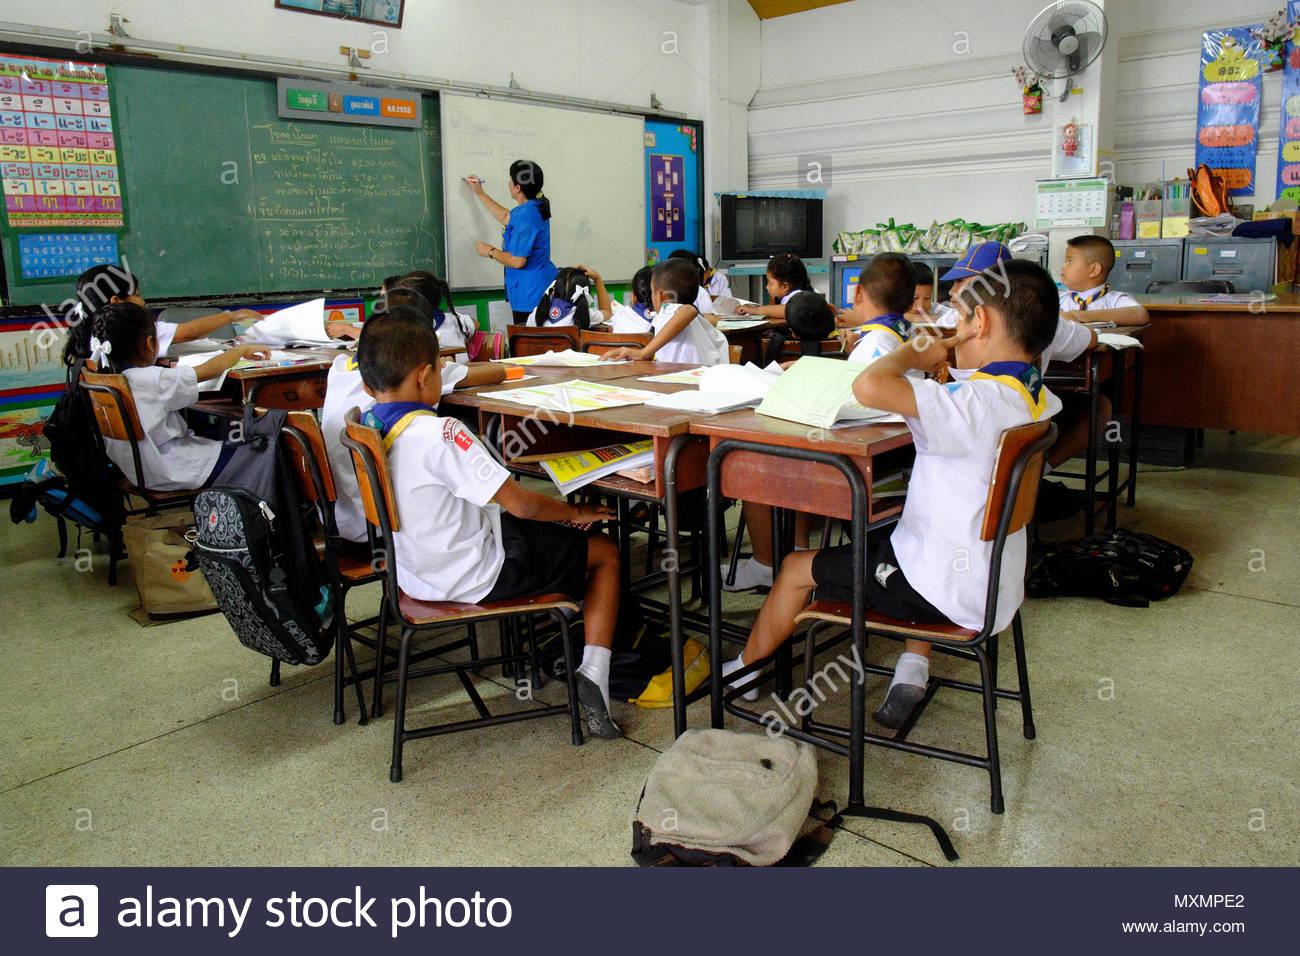 Asien, Tailandia, Bangkok, Blick en ein Klassenzimmer, Primery *** *** título Local Escolar de 5 a 9 años, asiática, la forma, la educación ins Imagen De Stock